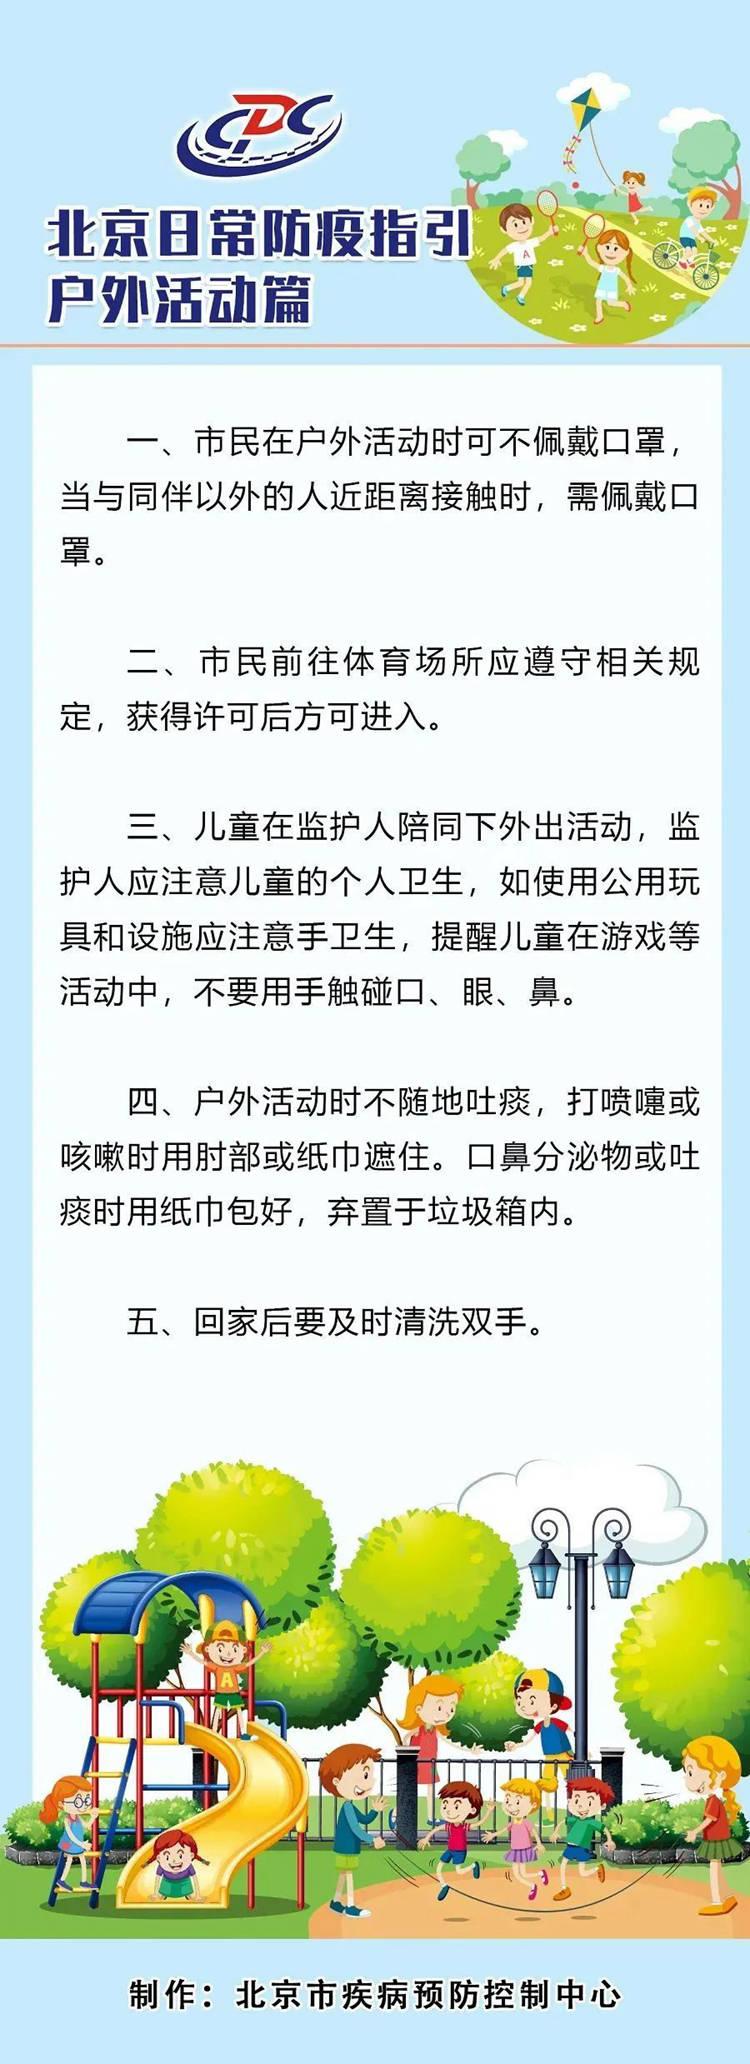 北京疾控中心:市民在户外活动时可不佩戴口罩